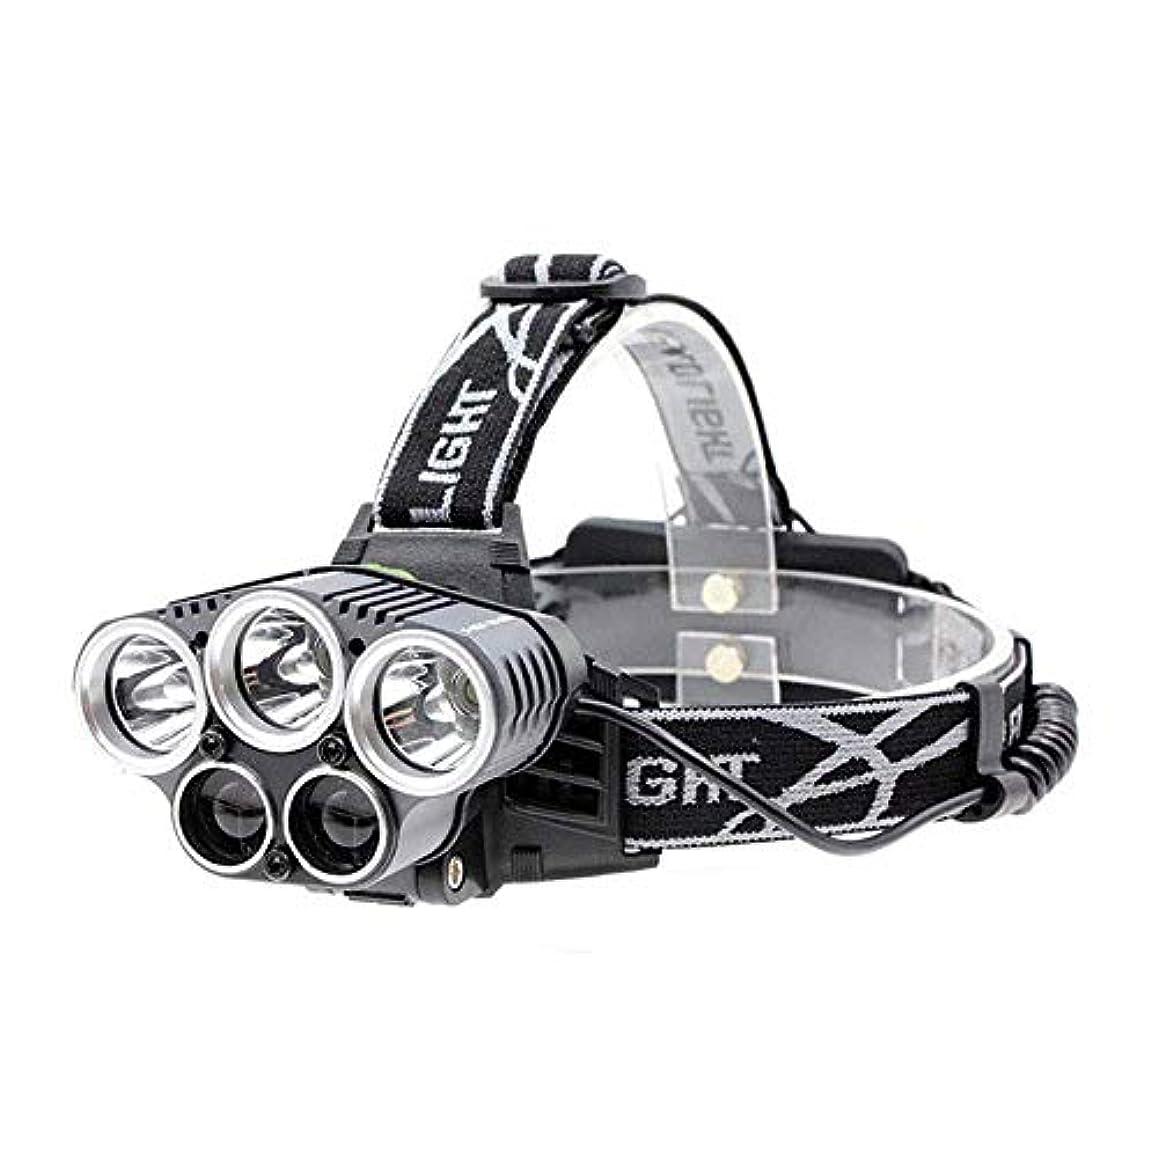 八百屋さんドレイン改修屋外LEDグレア照明ハイパワーナイトフィッシングスーパーヘッドライトUSB充電ナイトライディングキャンプ多機能ヘッドライト